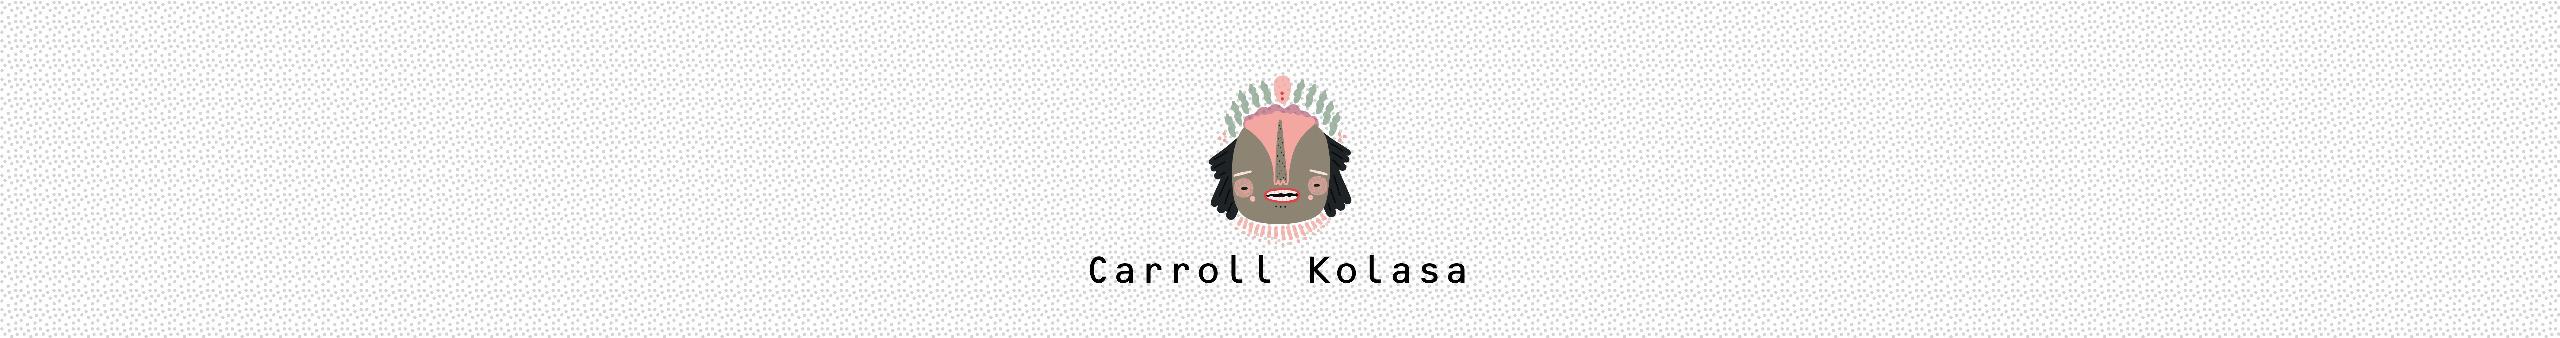 Carroll Kolasa (@carrollkolasa) Cover Image